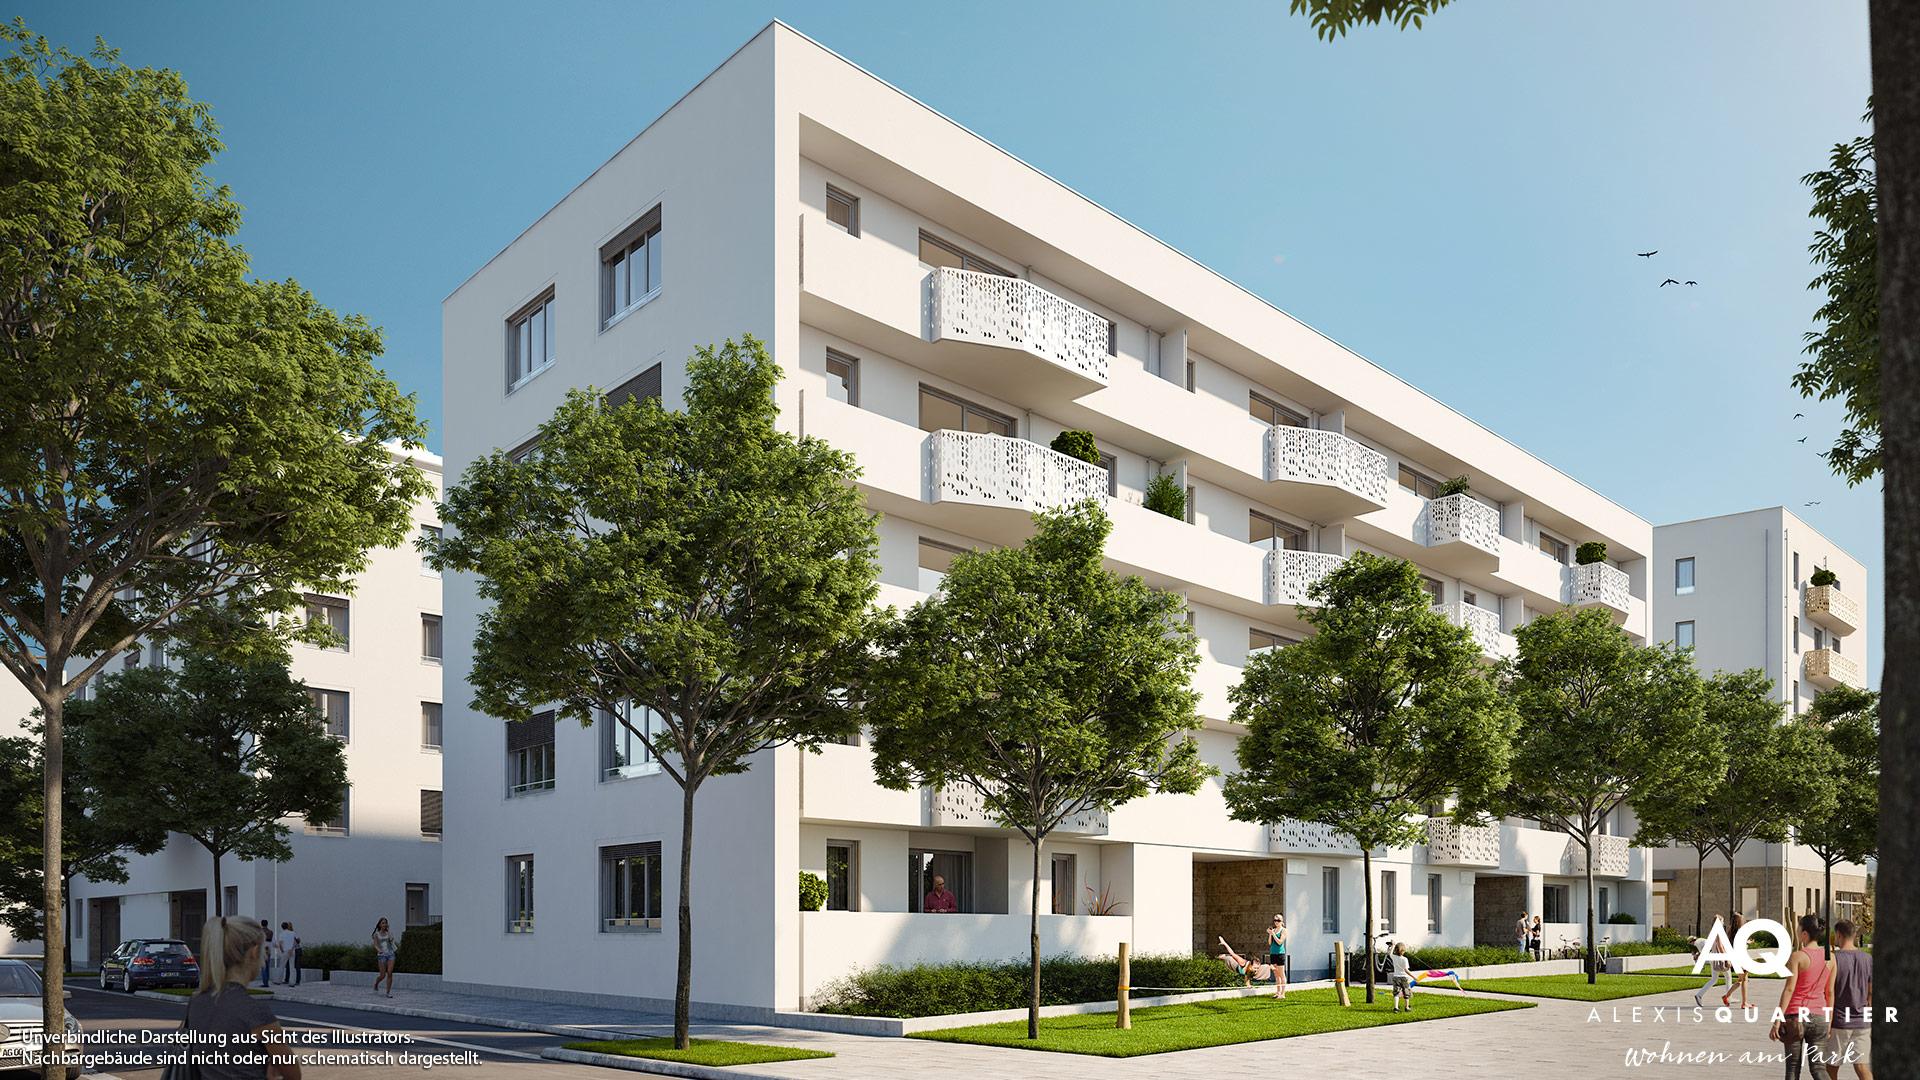 Immobilie Alexisquartier - Wohnen am Park - Gewerbeeinheiten - Illustration 1